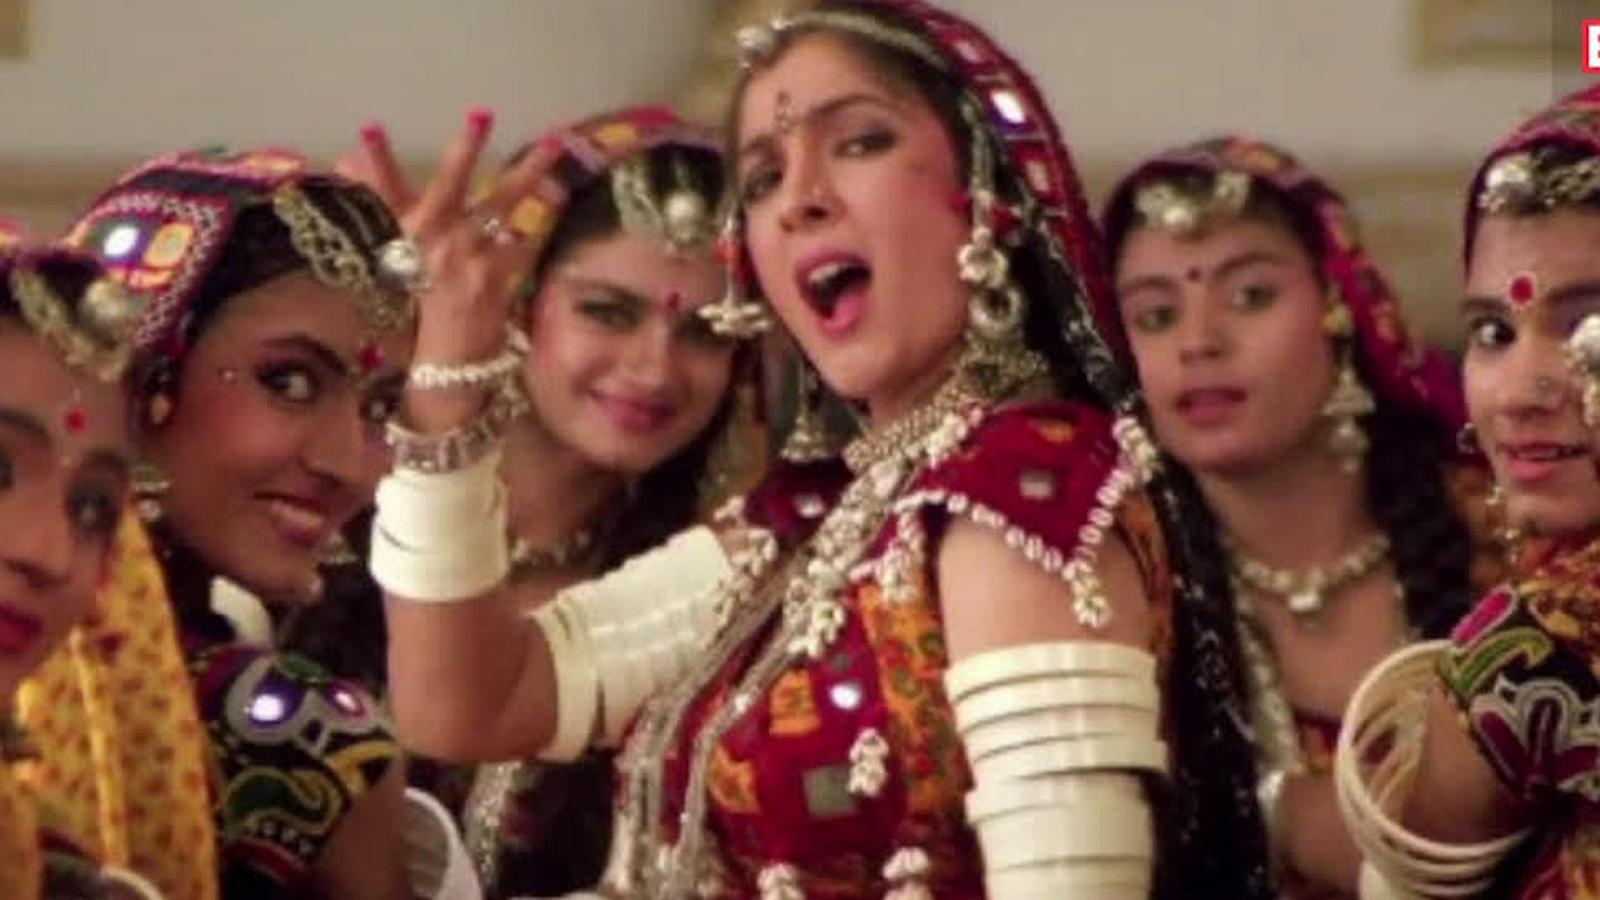 neena-gupta-was-embarrassed-when-subhash-ghai-demanded-she-wear-padded-blouse-in-choli-ke-peeche